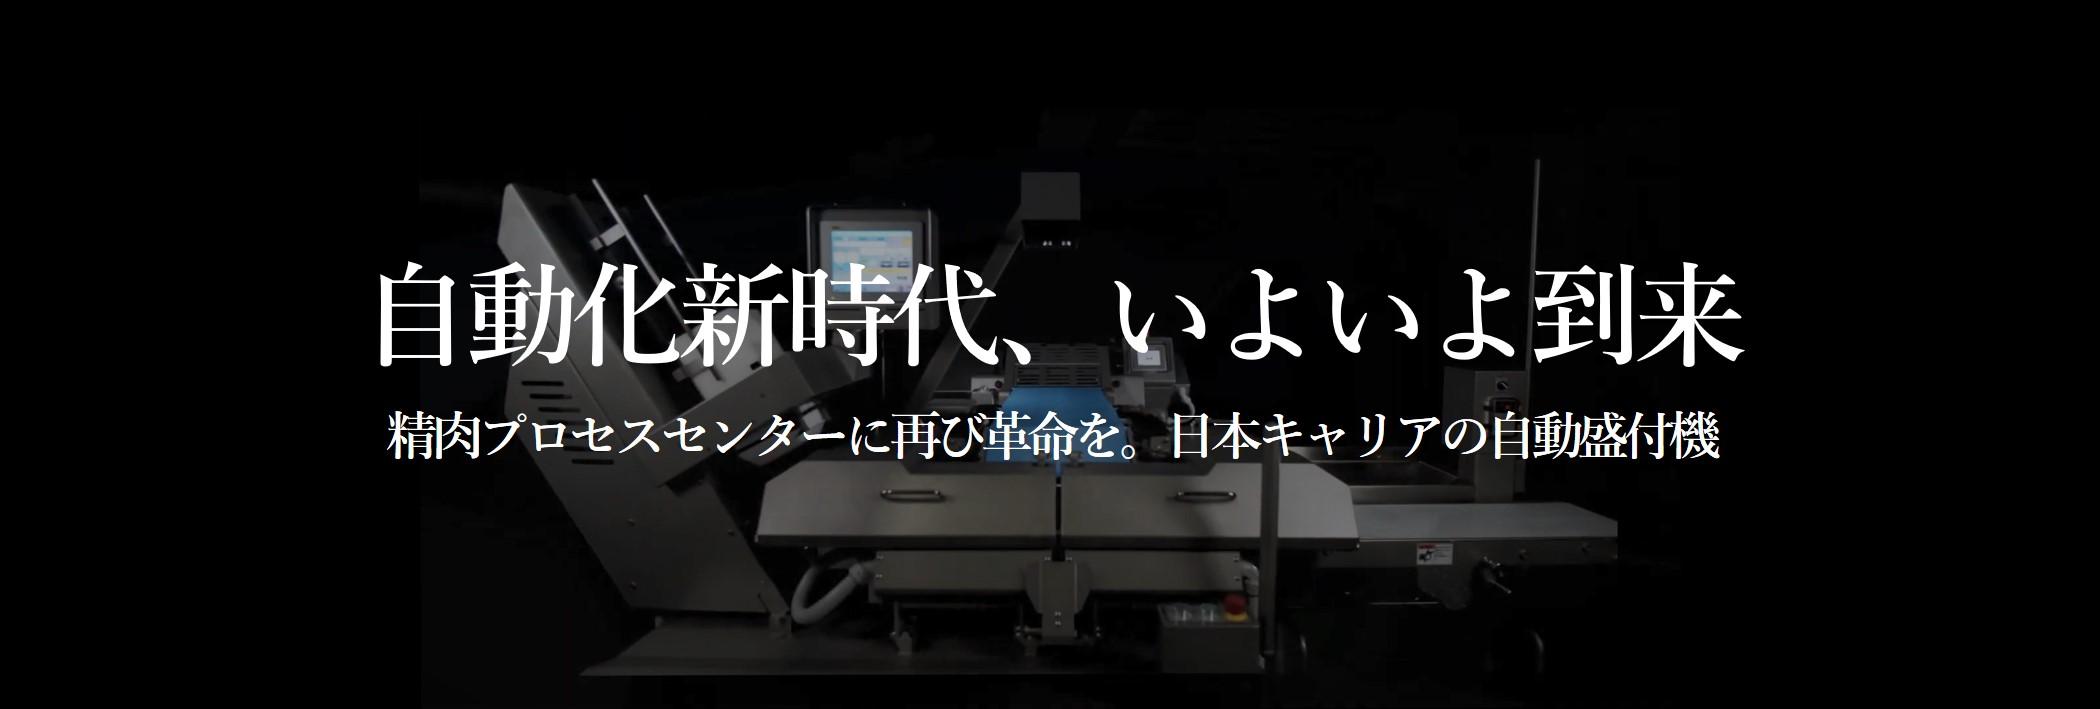 日本キャリアの自動機が誕生